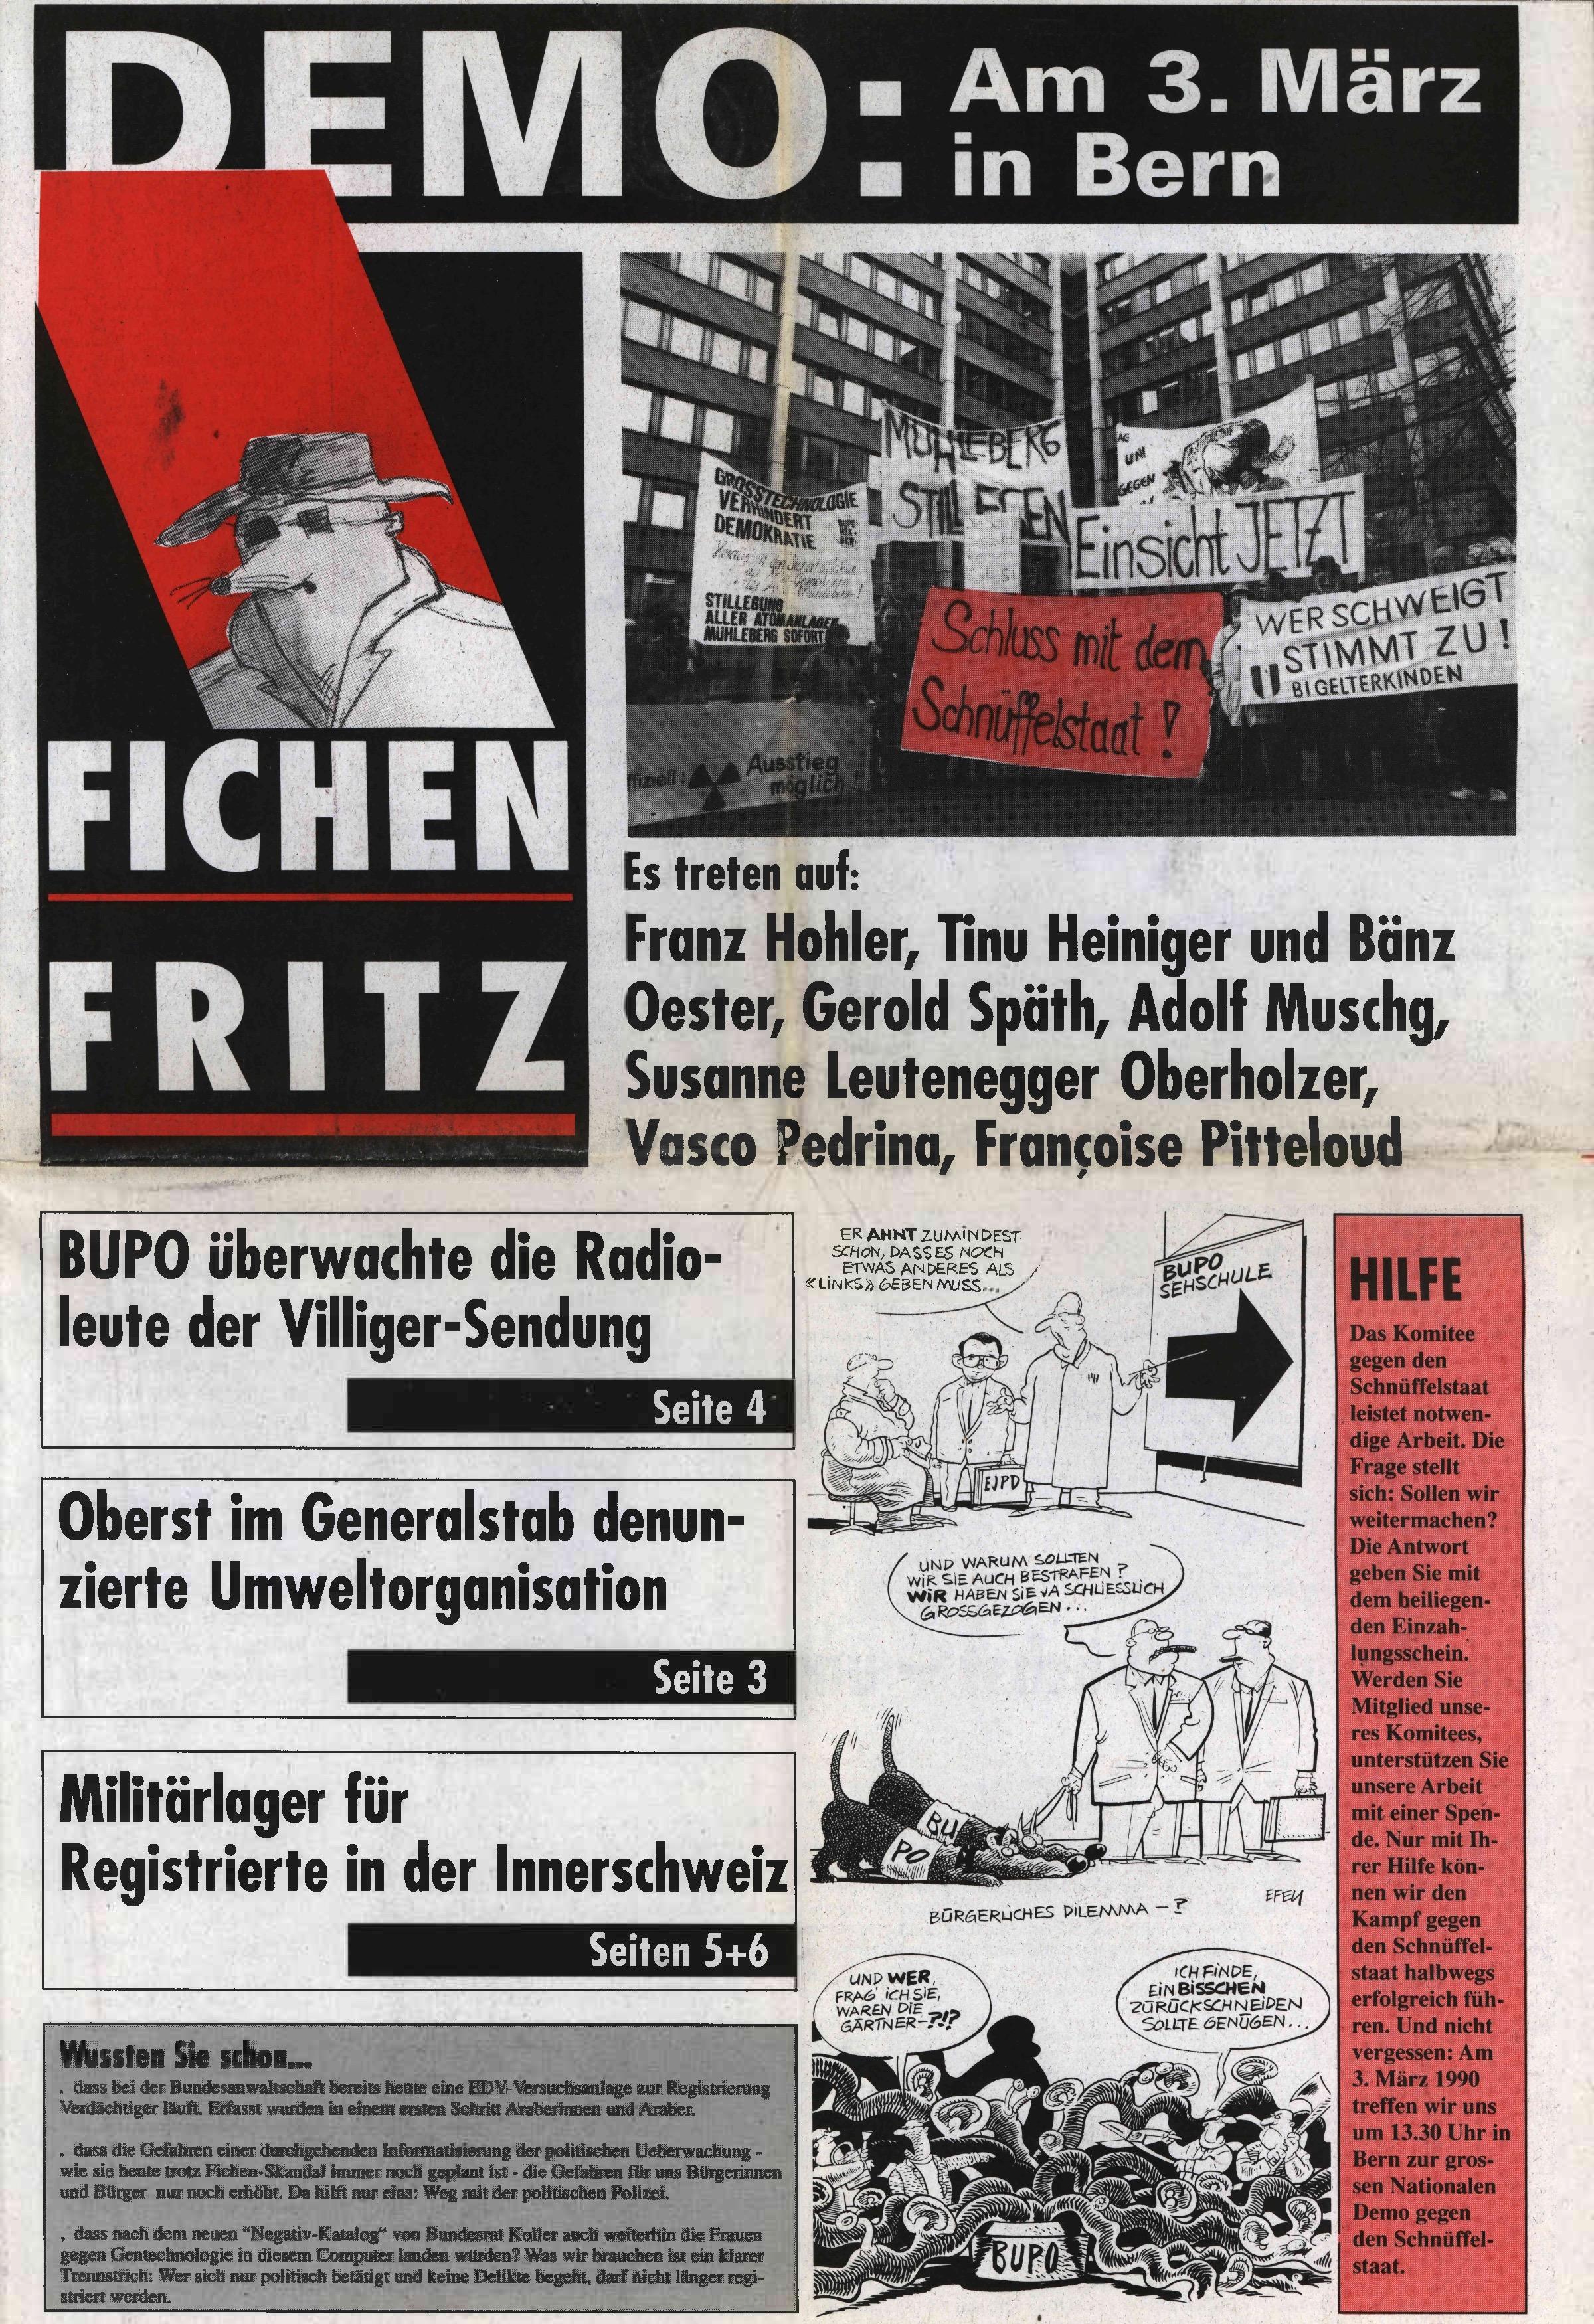 Fichen Fritz Nr. 1 – Seite 1